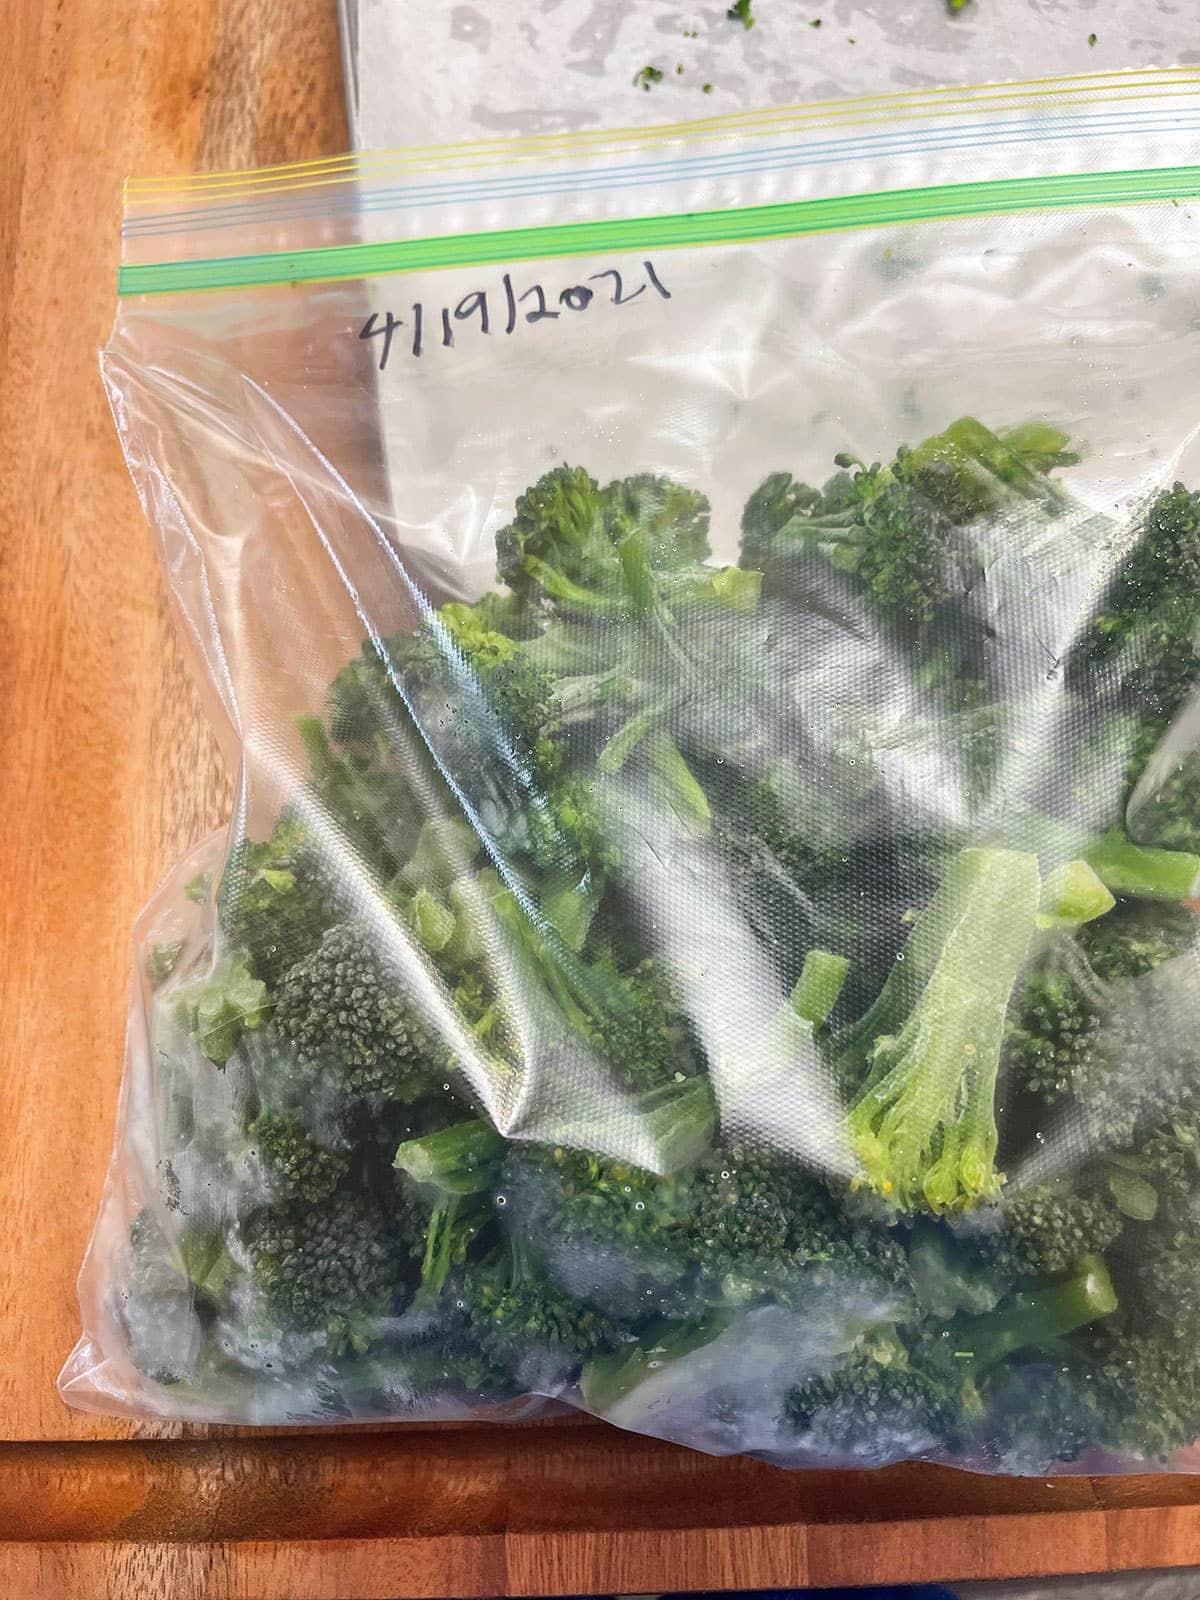 Frozen broccoli in ziplock bag